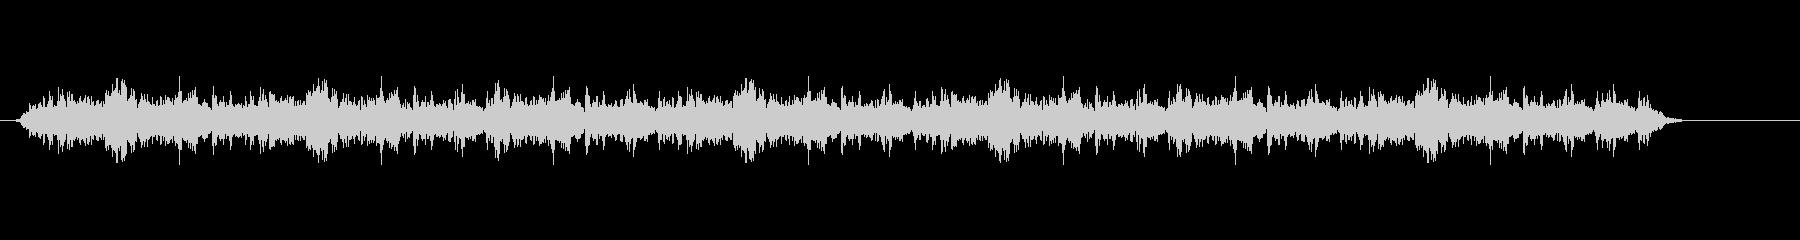 人間の音-声のハムの未再生の波形